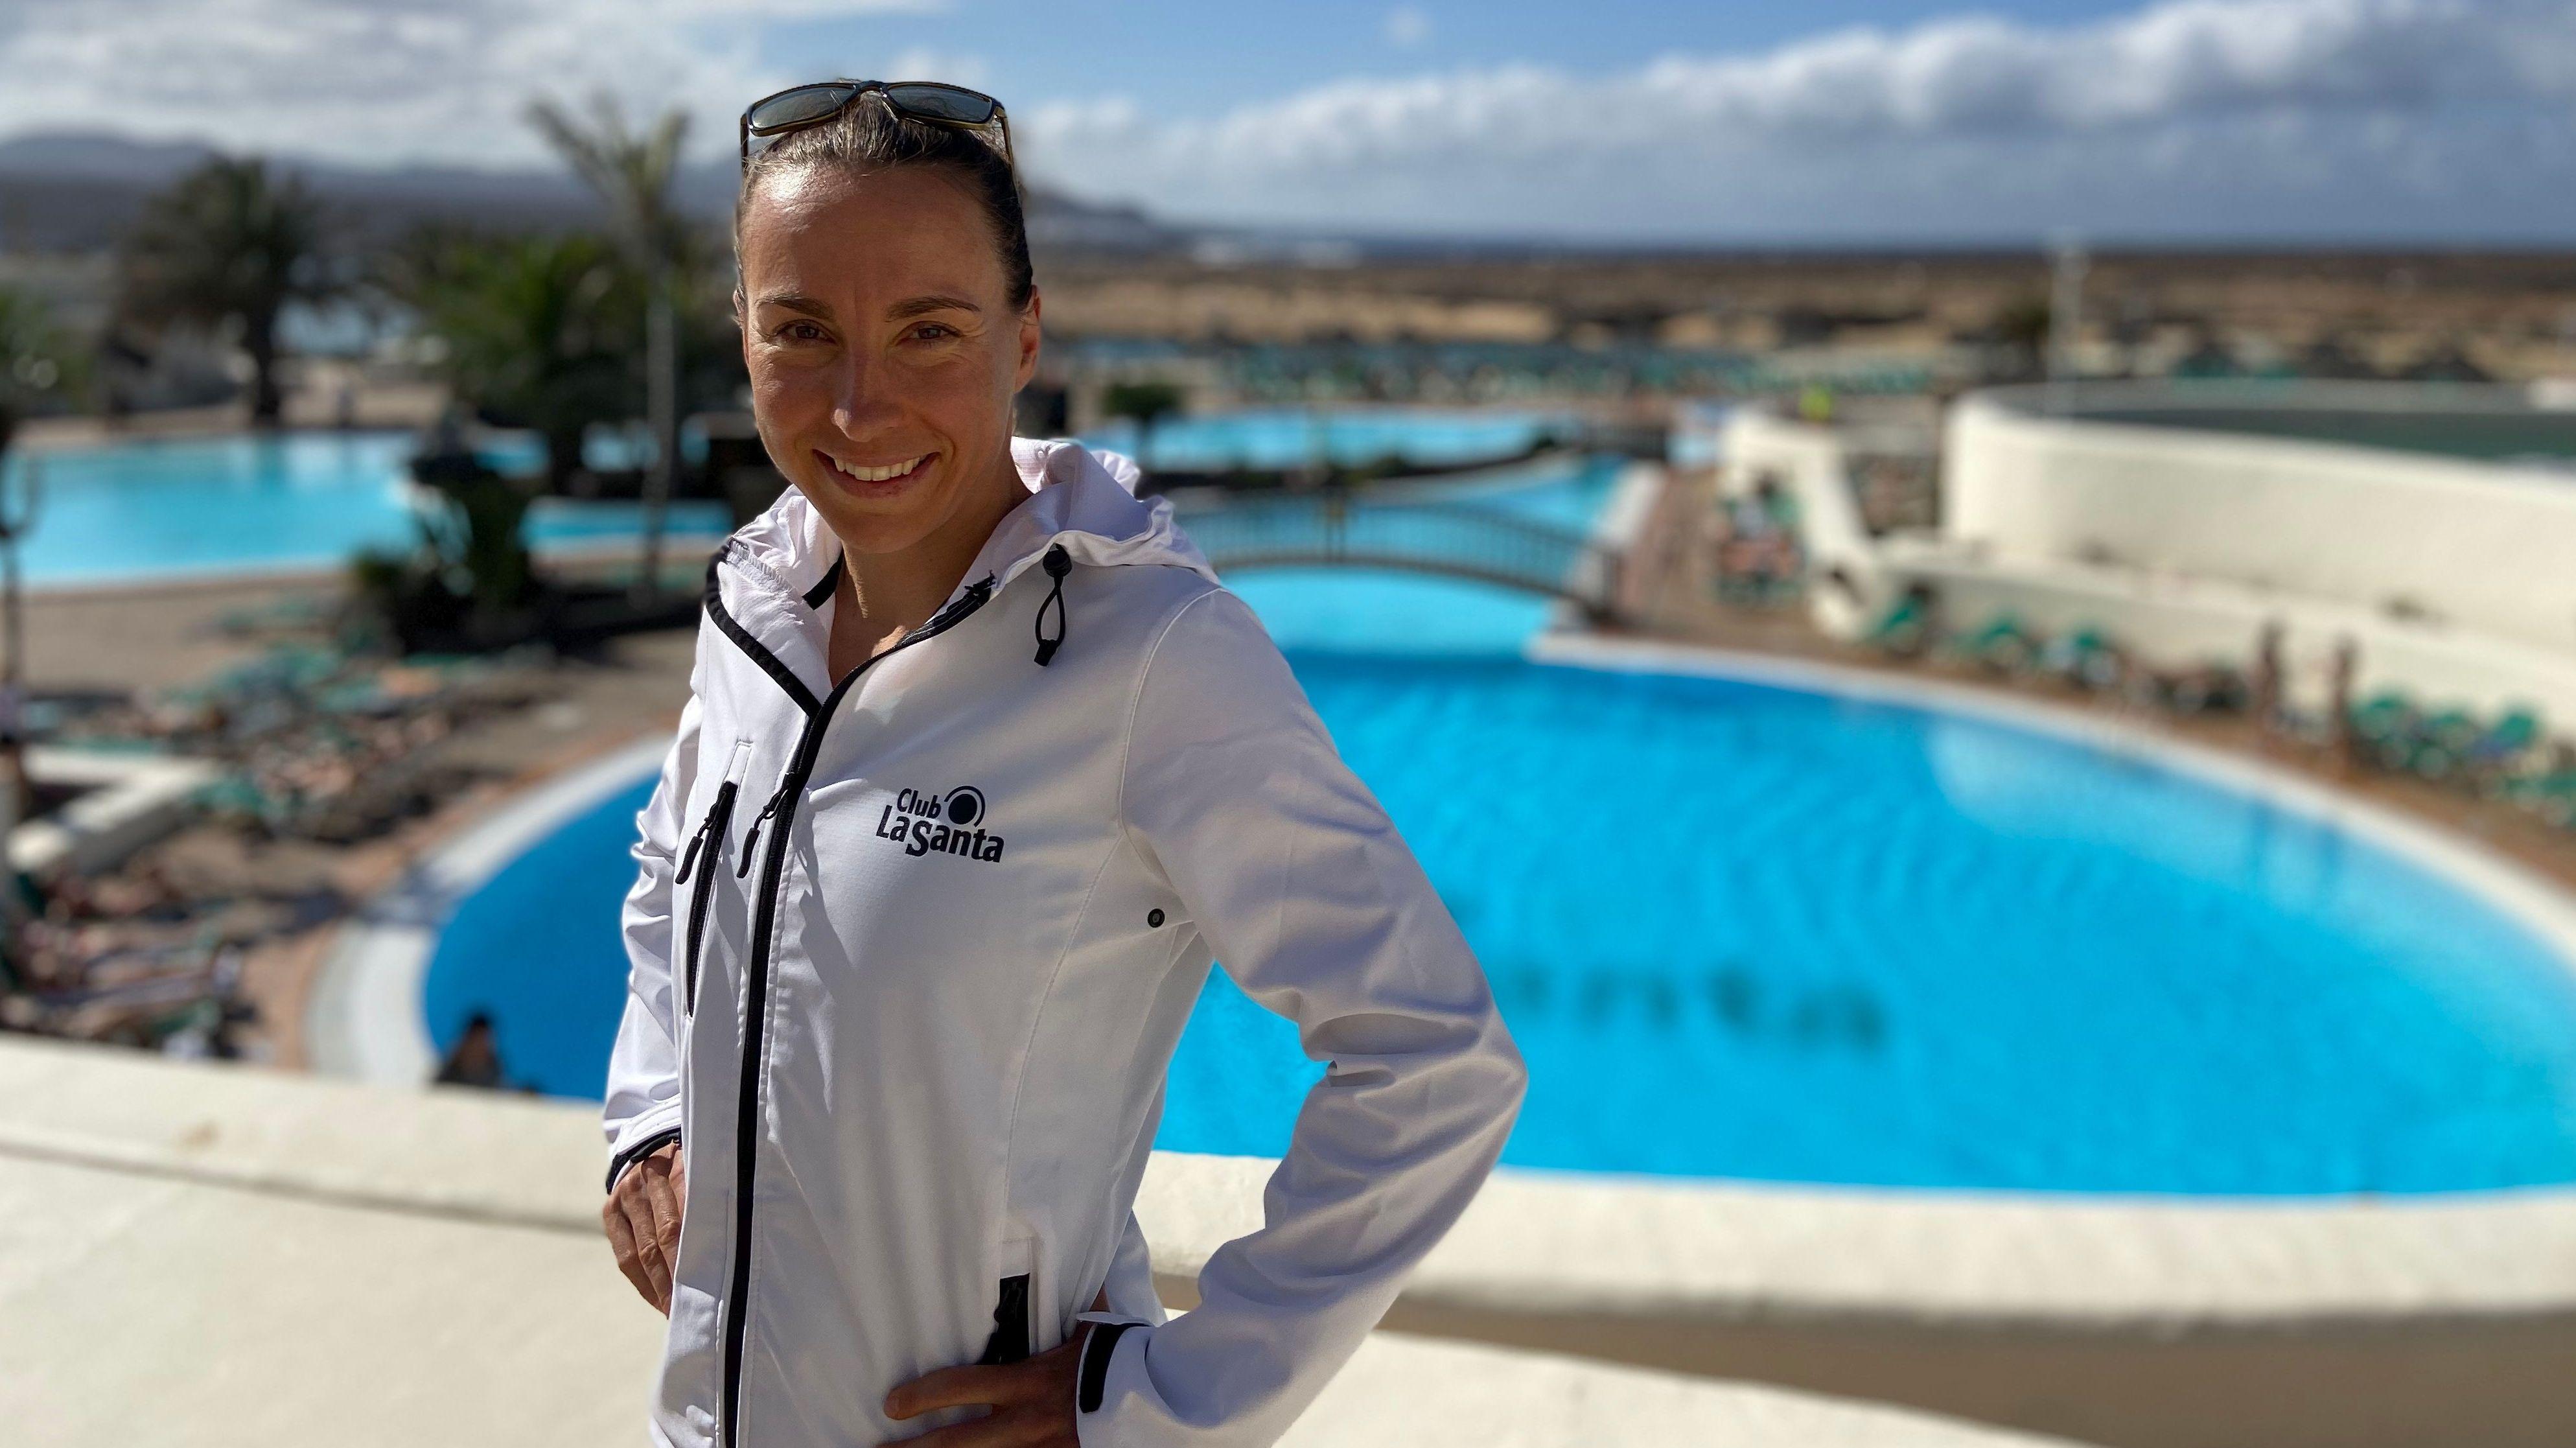 Anne Haug, Triathlon-Weltmeisterin